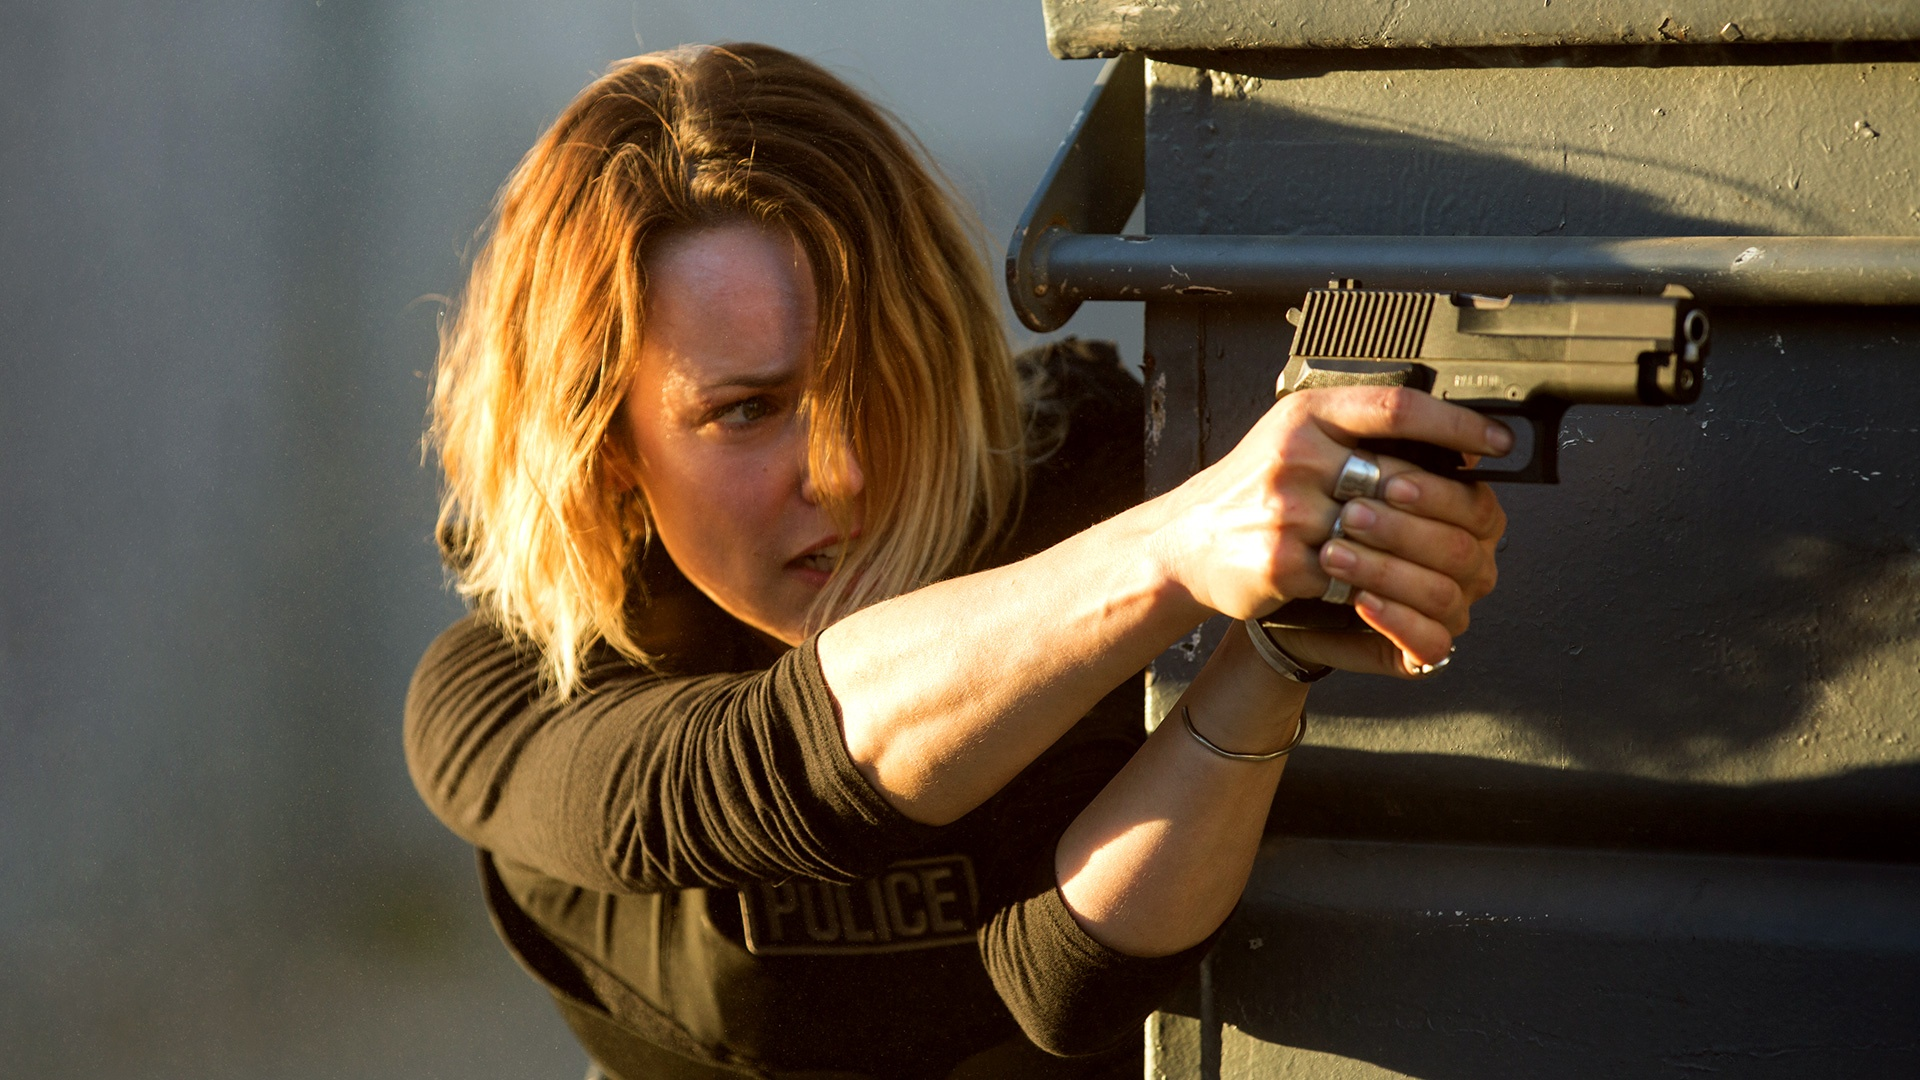 Detective Ani Bezzerides